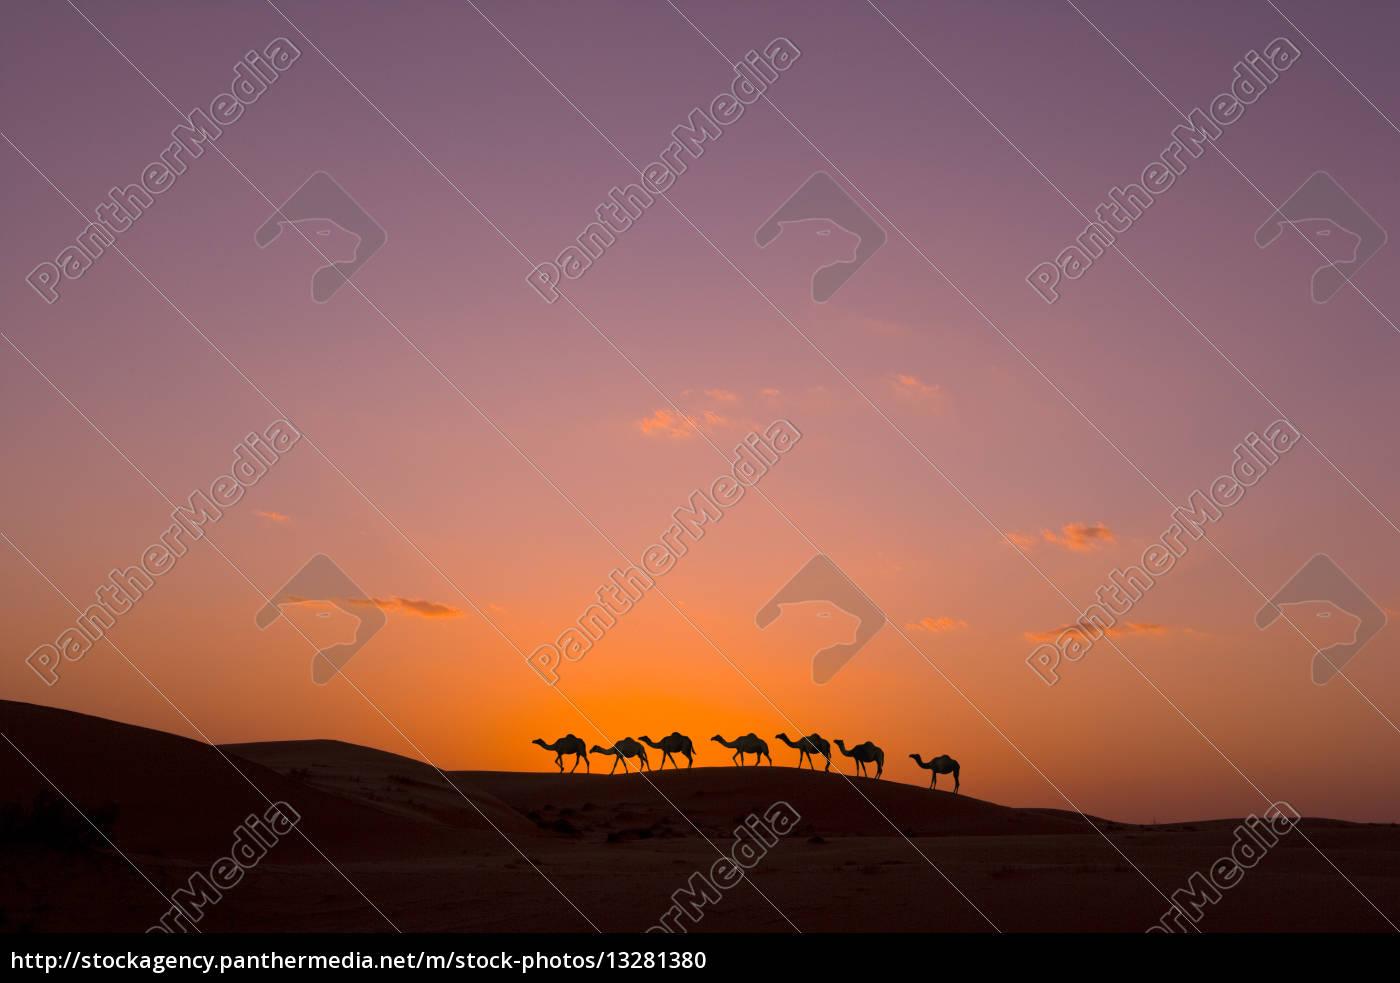 kamelkarawane, bei, sonnenuntergang, in, der, wüste - 13281380